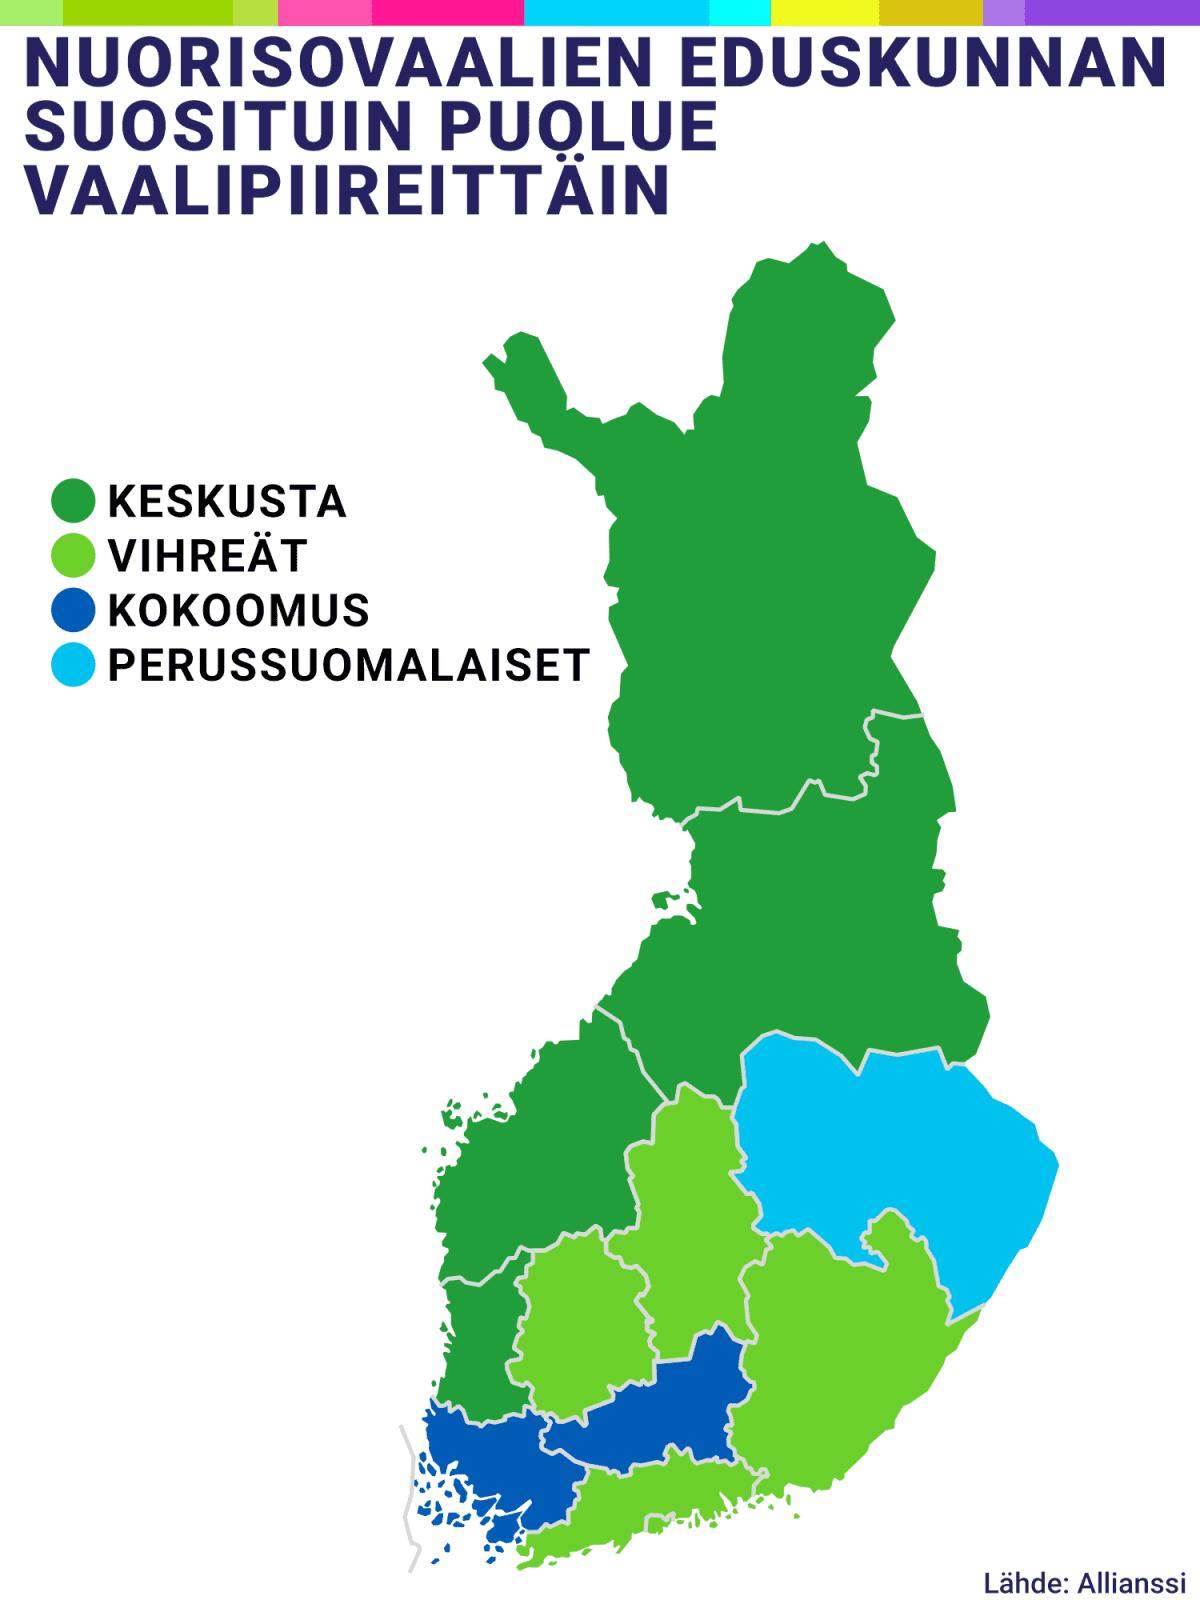 Kartta Nuorisovaalien suosituimmasta puolueesta vaalipiireittäin.